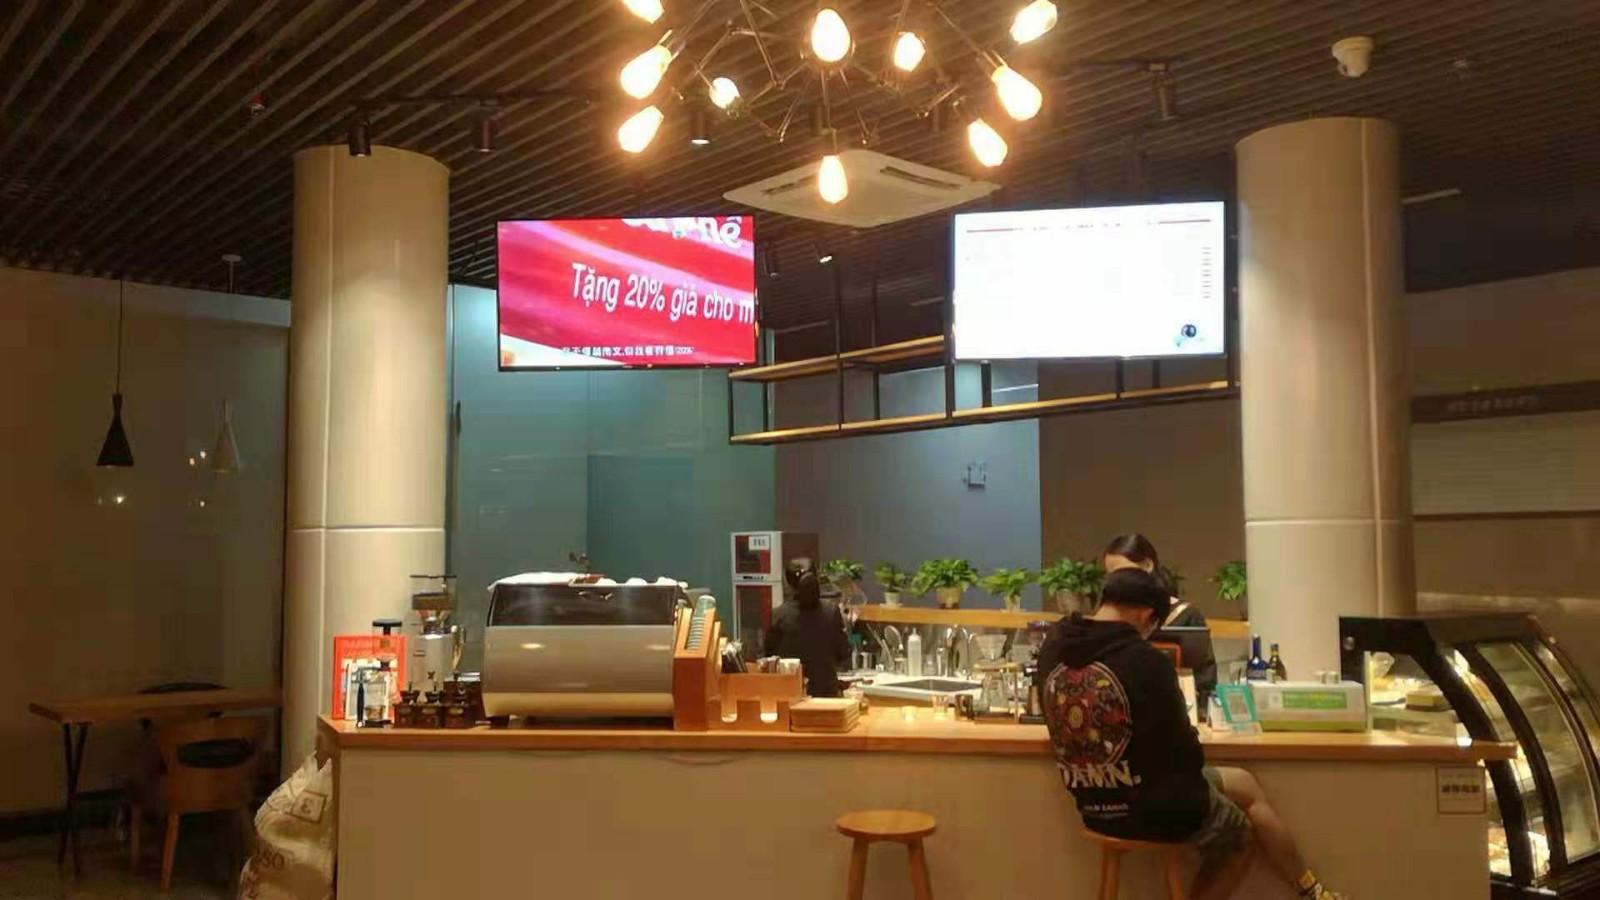 漫岛咖啡店